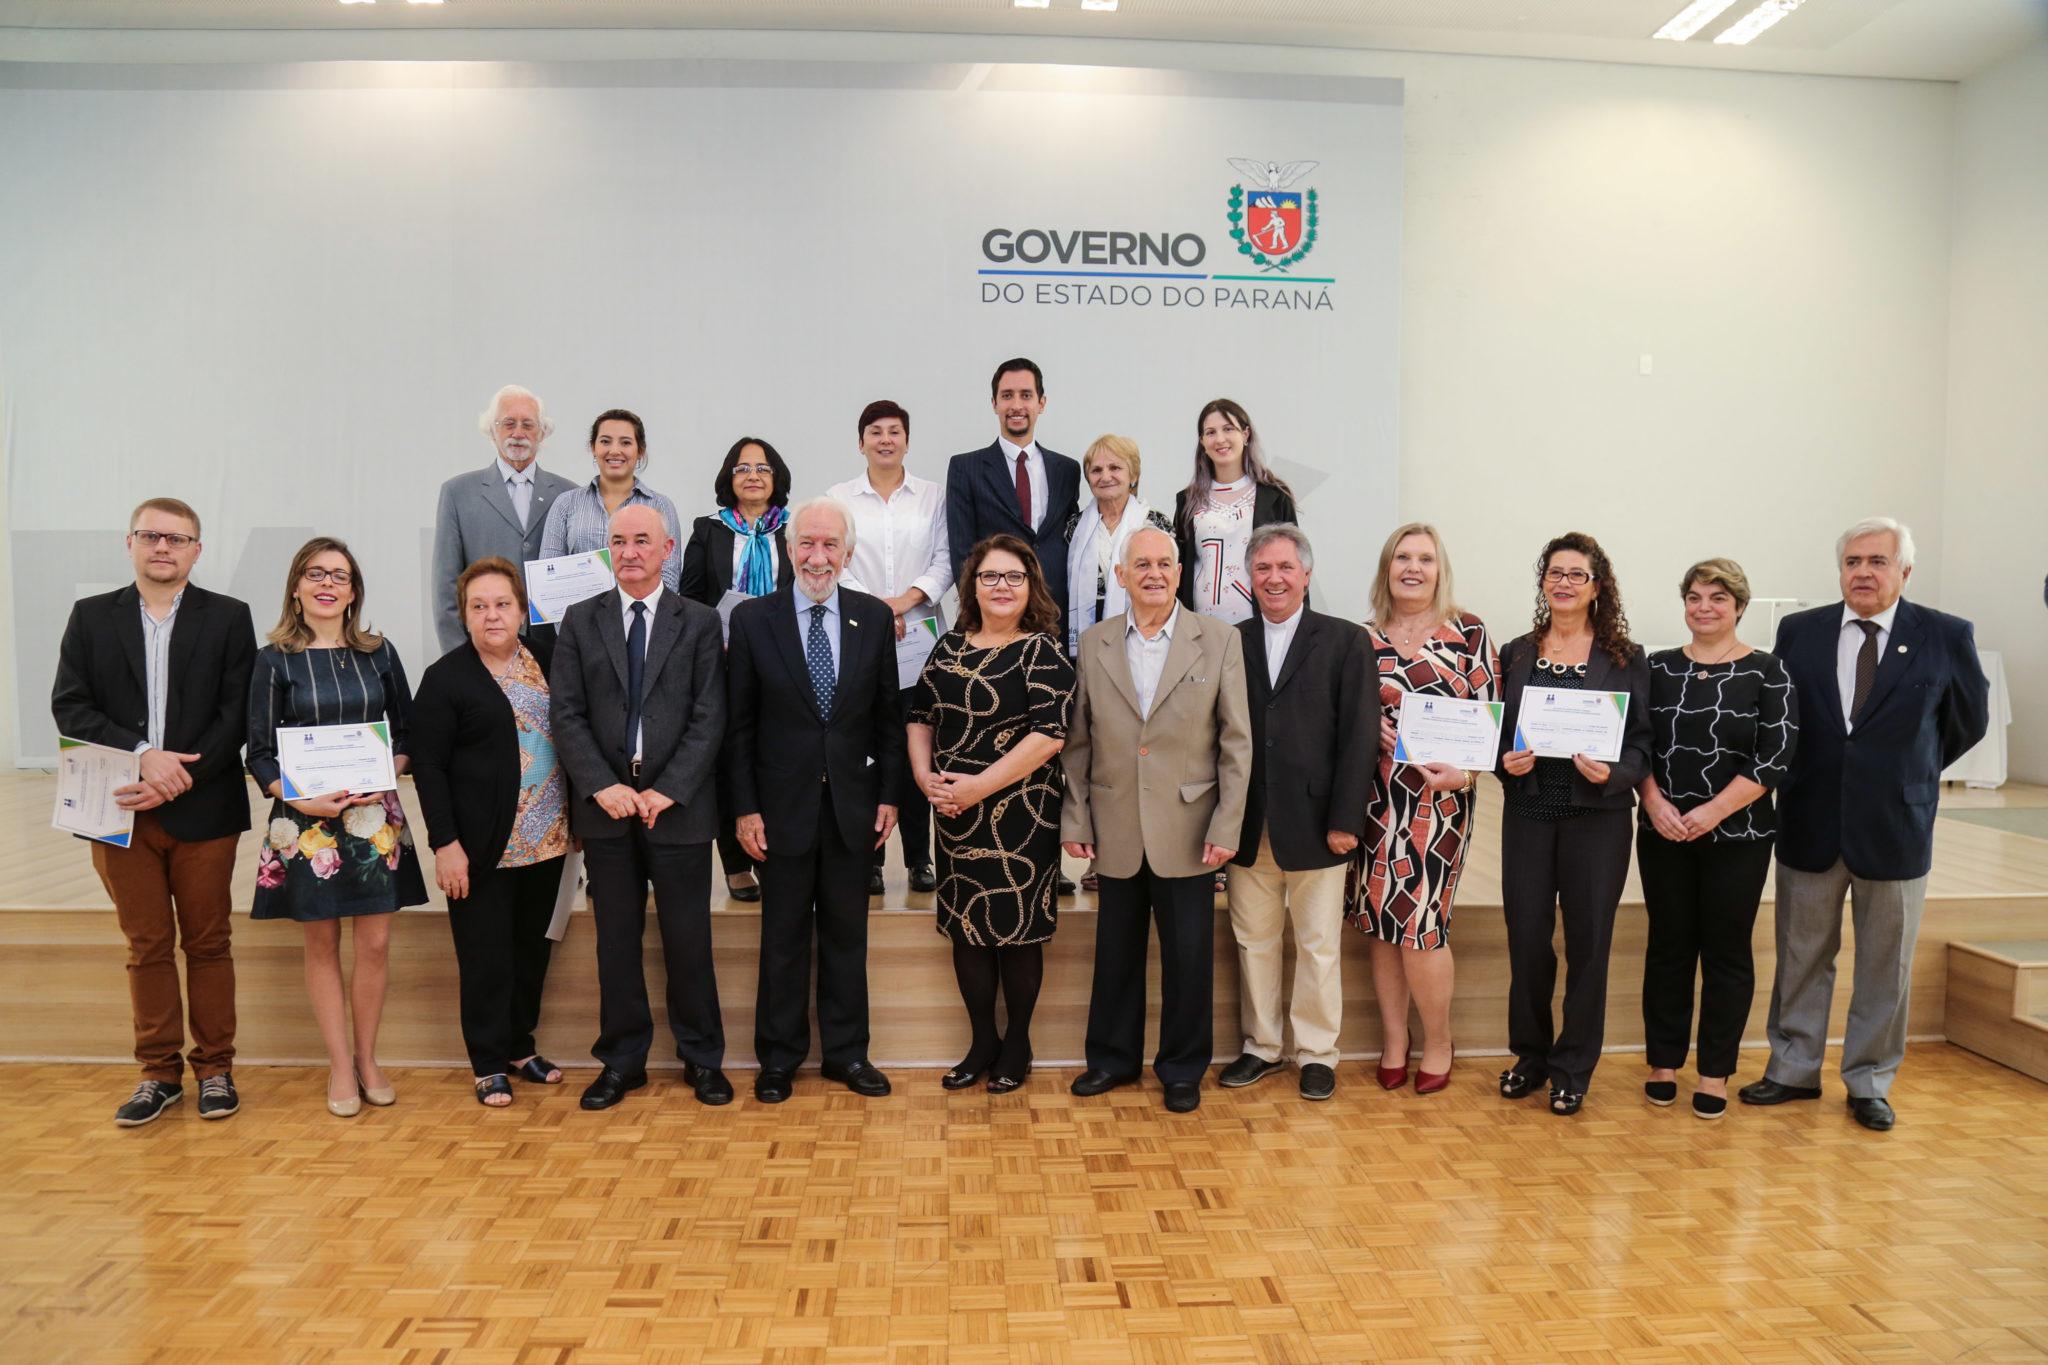 Novos membros do Cedi representam 1,7 milhão de idosos do Paraná